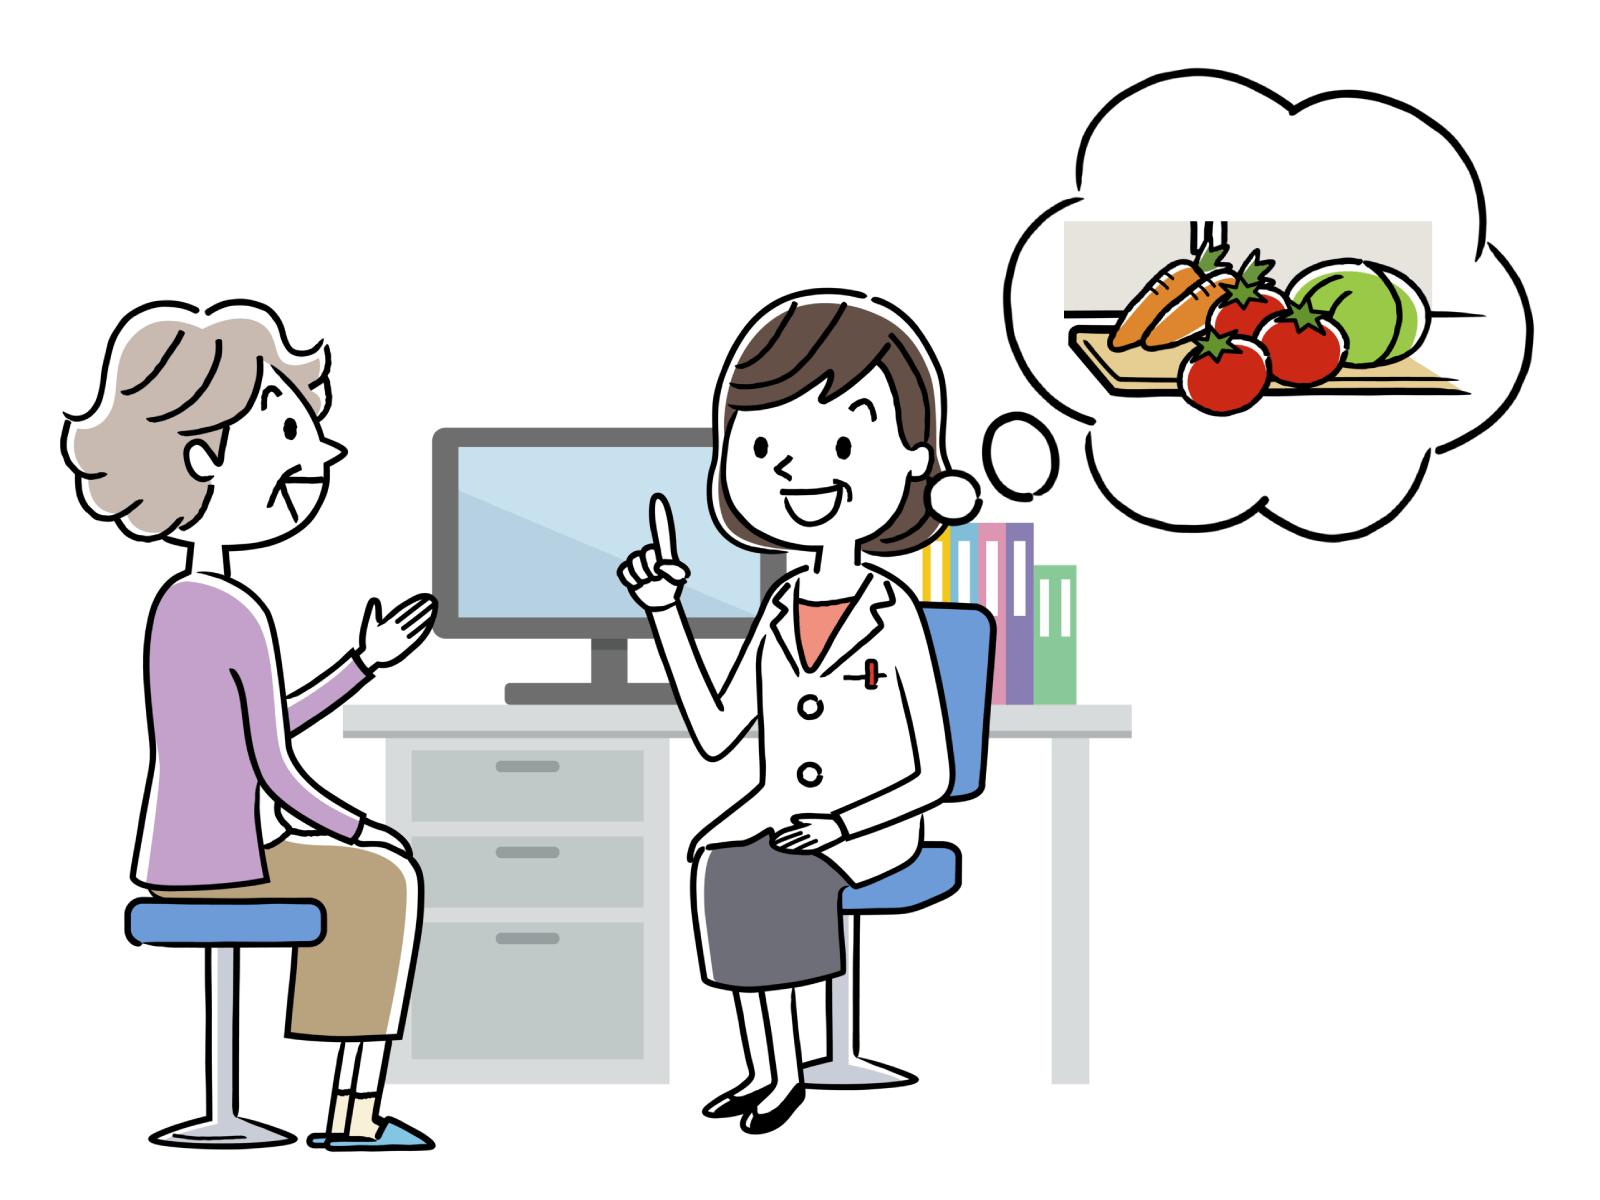 栄養指導、調理師と共同の仕事をするイメージイラスト